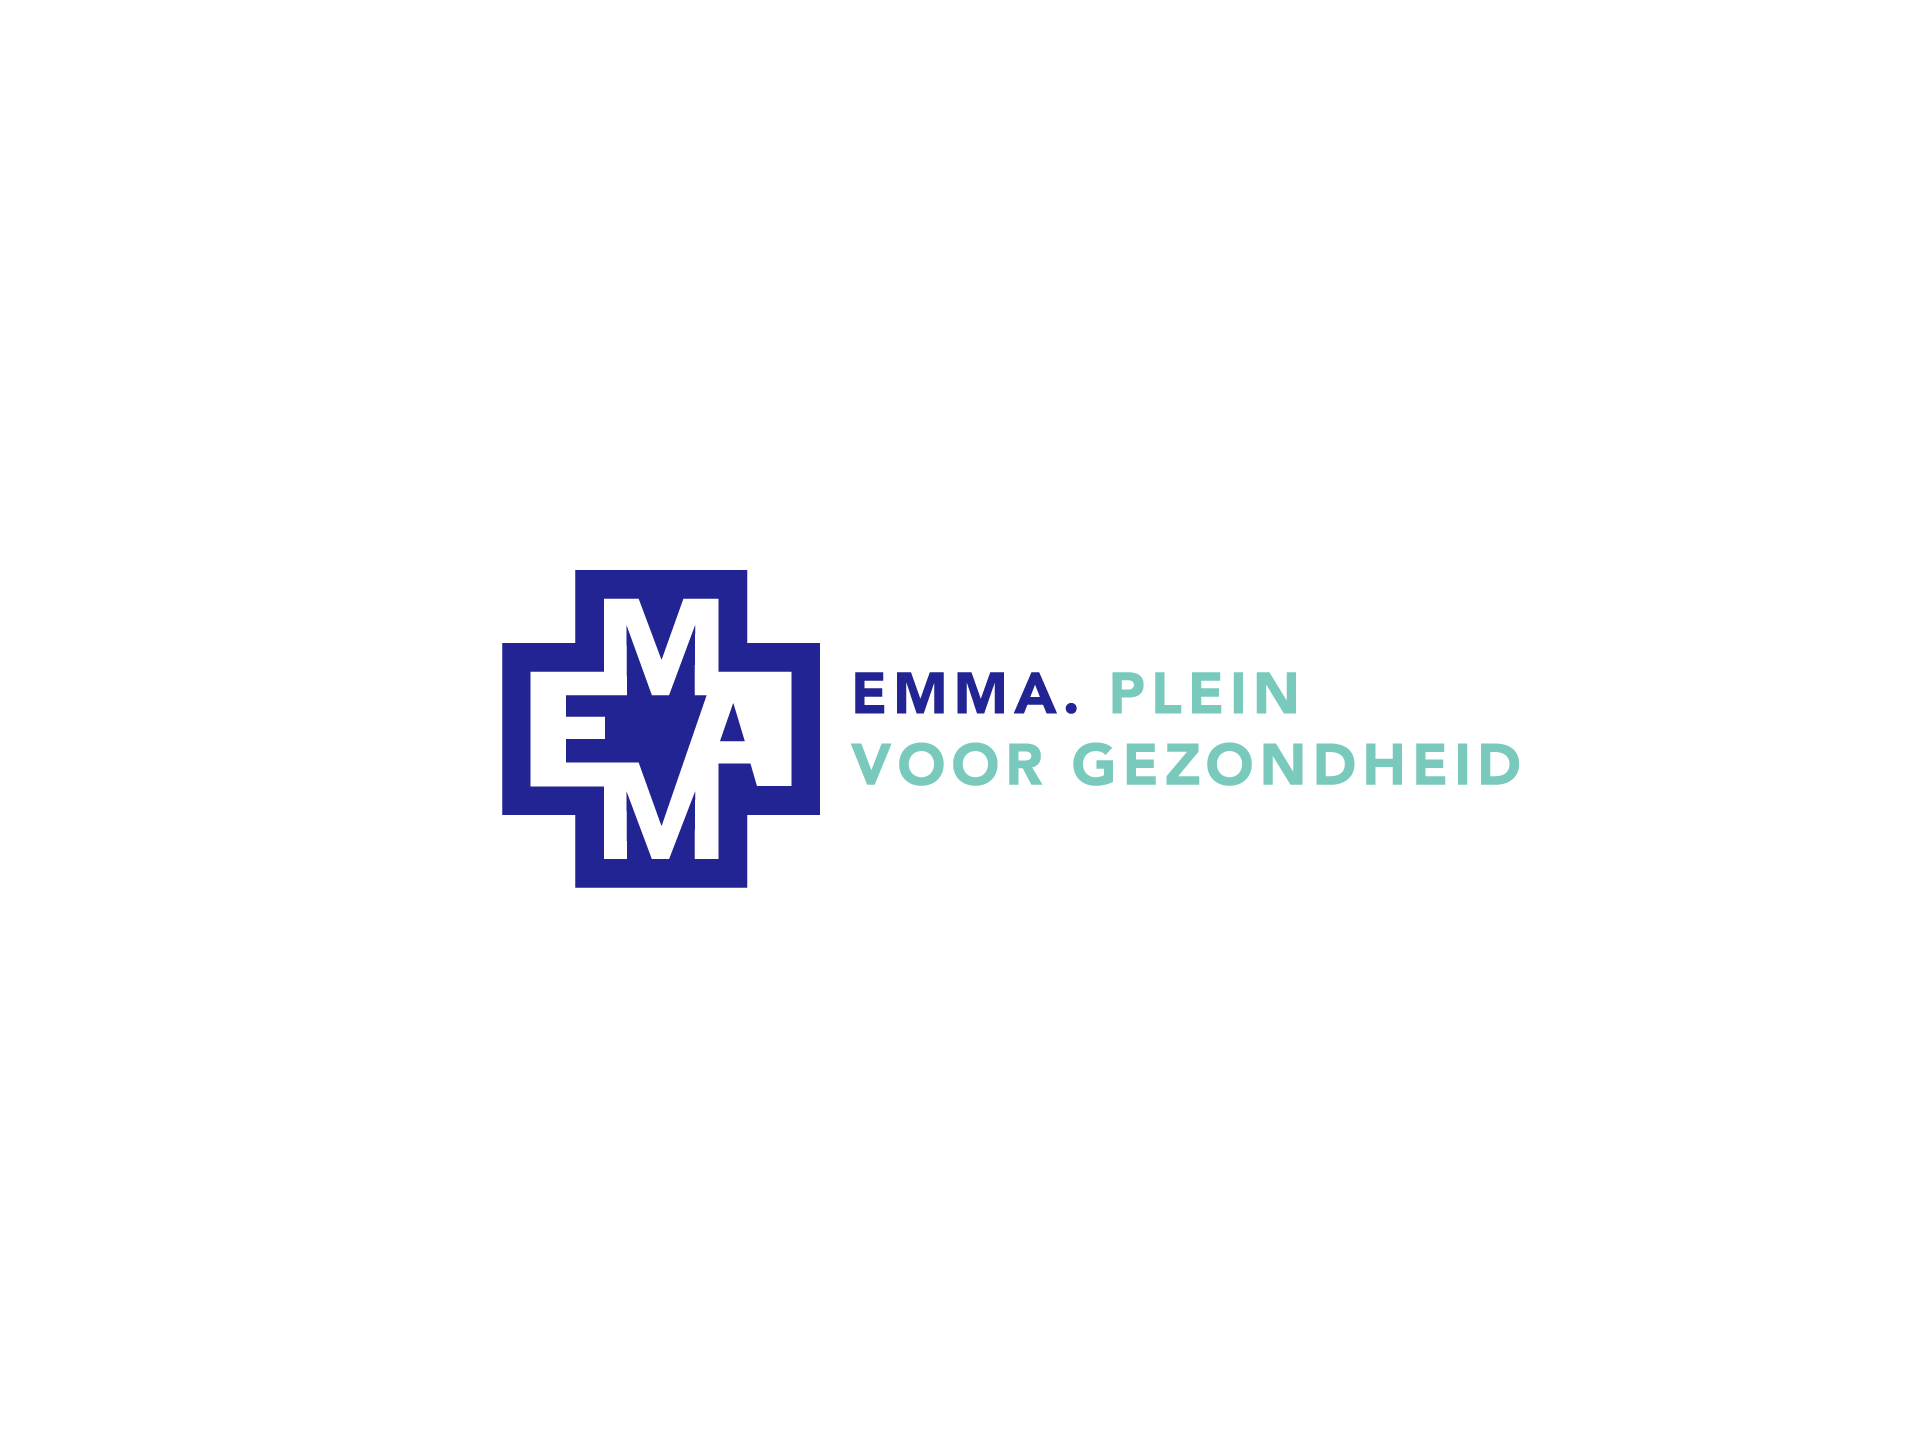 Emma plein voor gezondheid - logo design